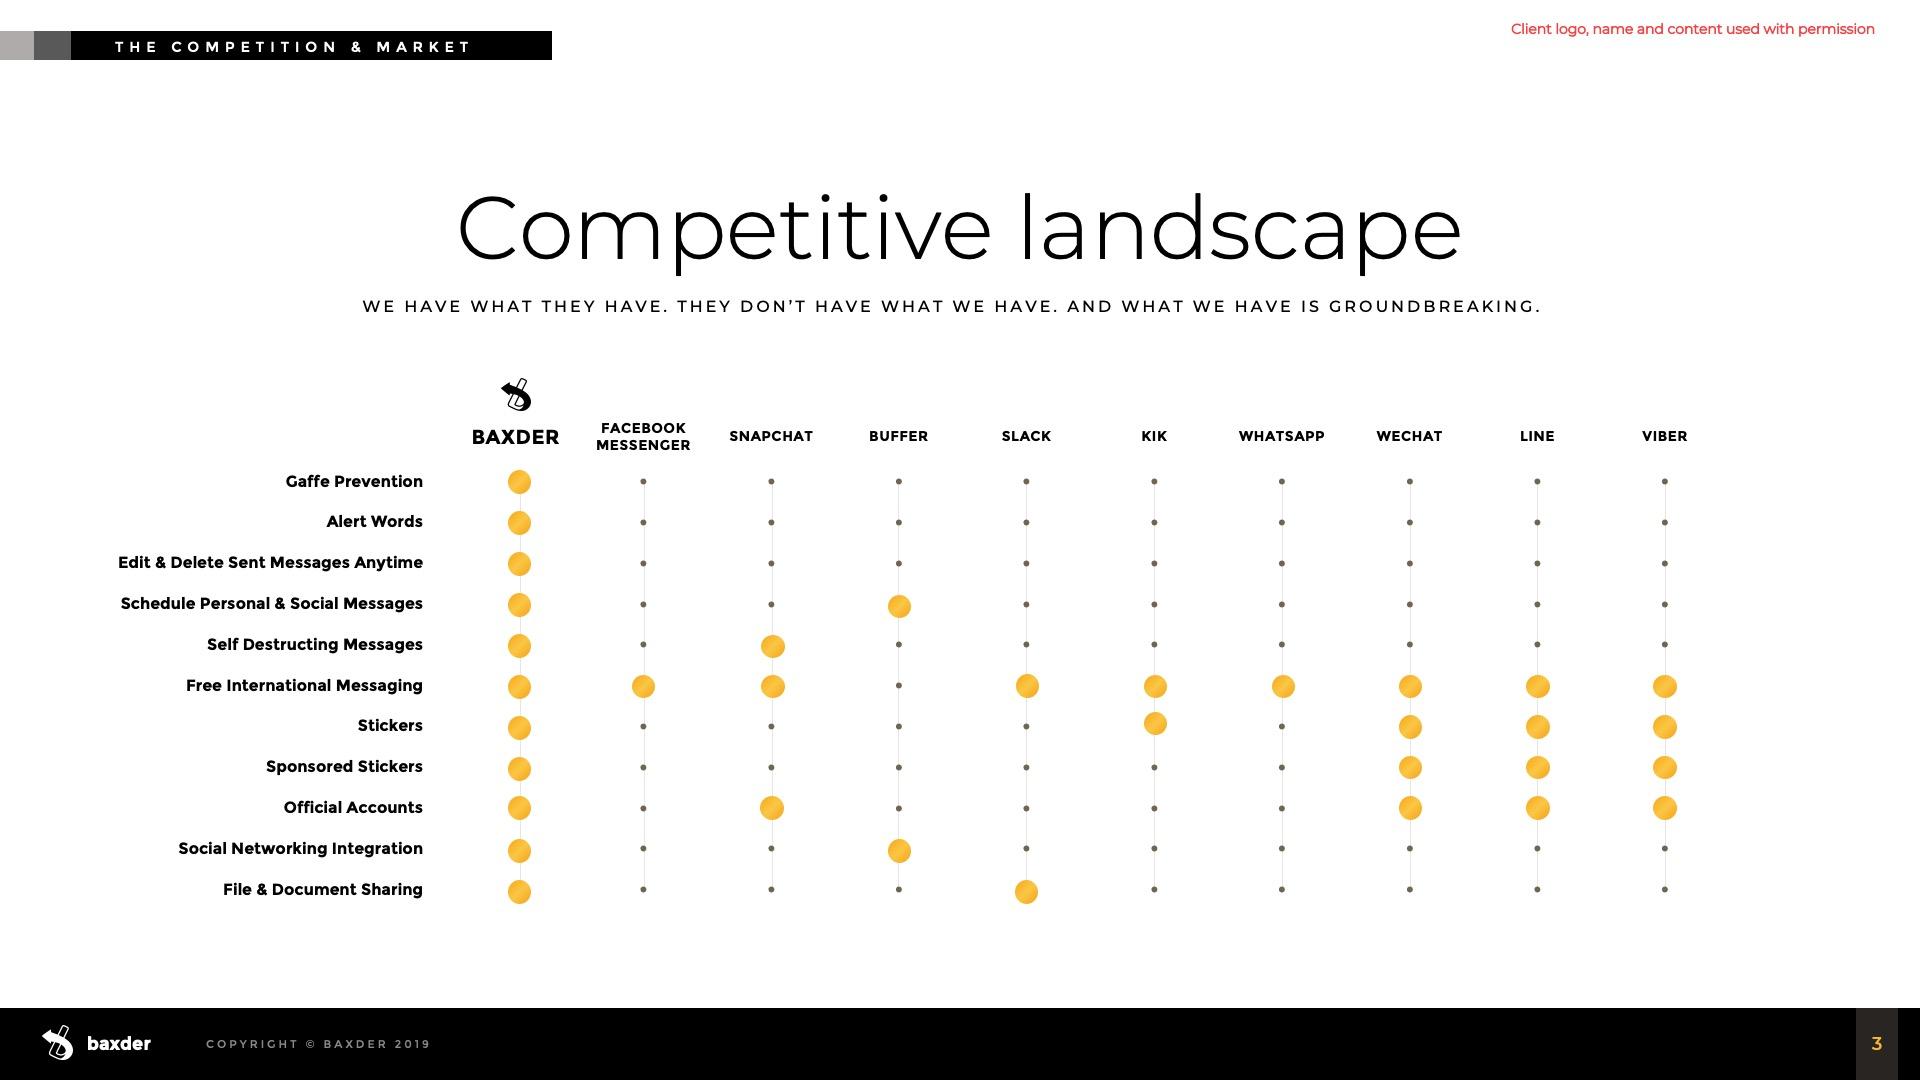 Slide Design Sample: Competitive landscape table